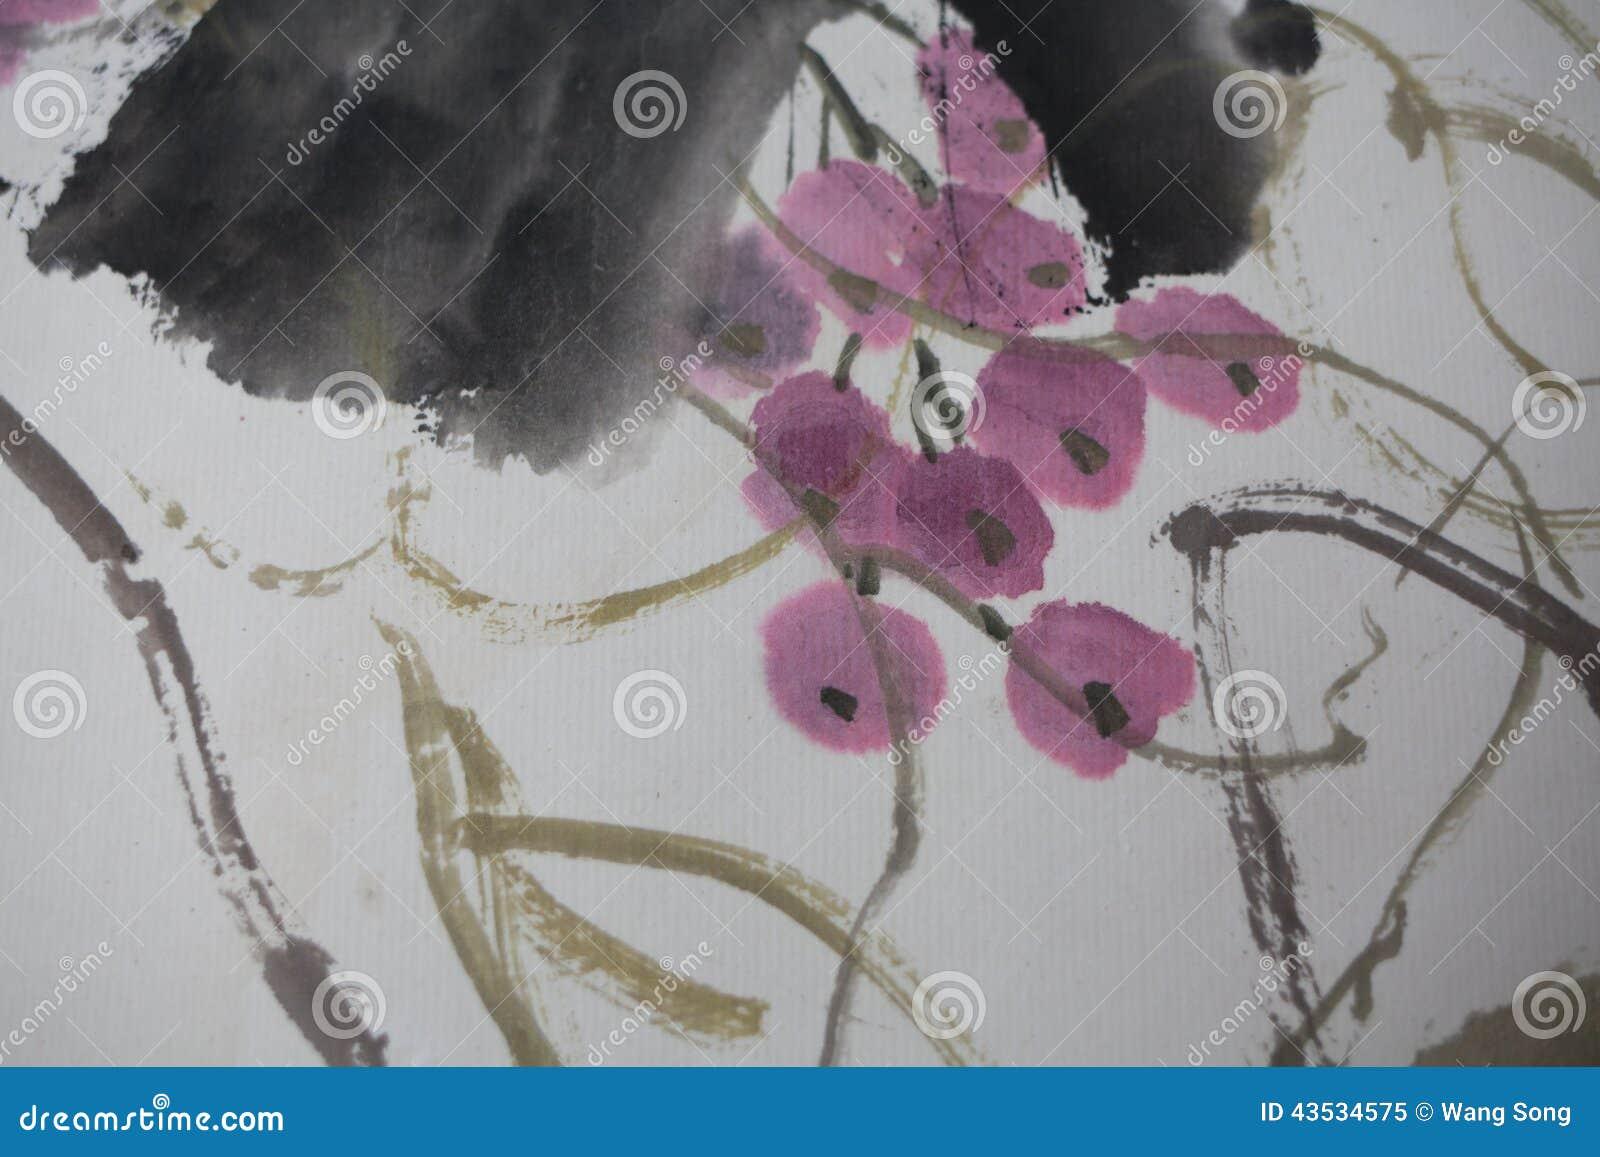 Китайская роспись на бумаге, местной